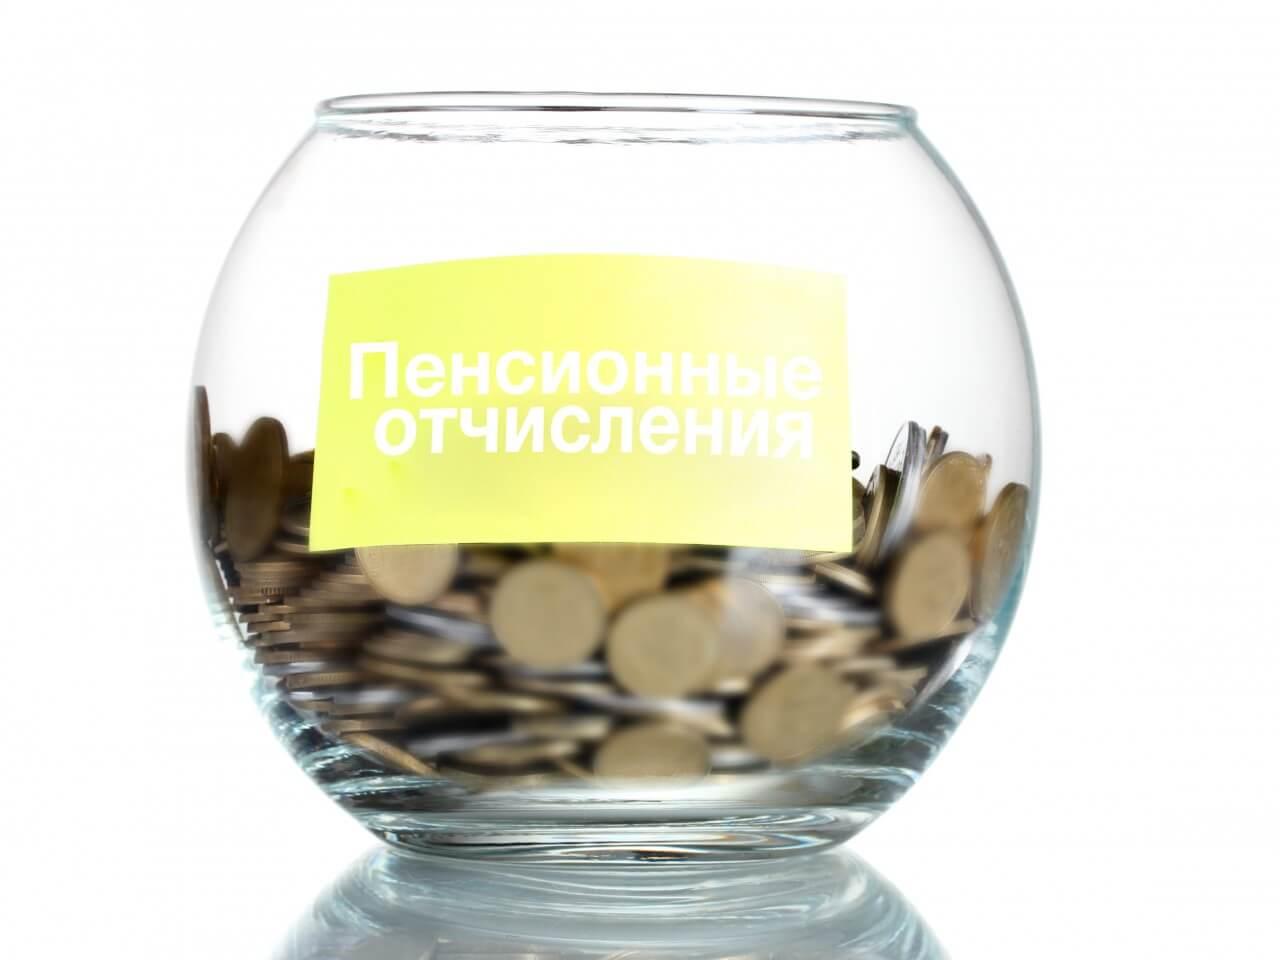 Обязательное пенсионное страхование в 2018 году: порядок расчёта и выплат